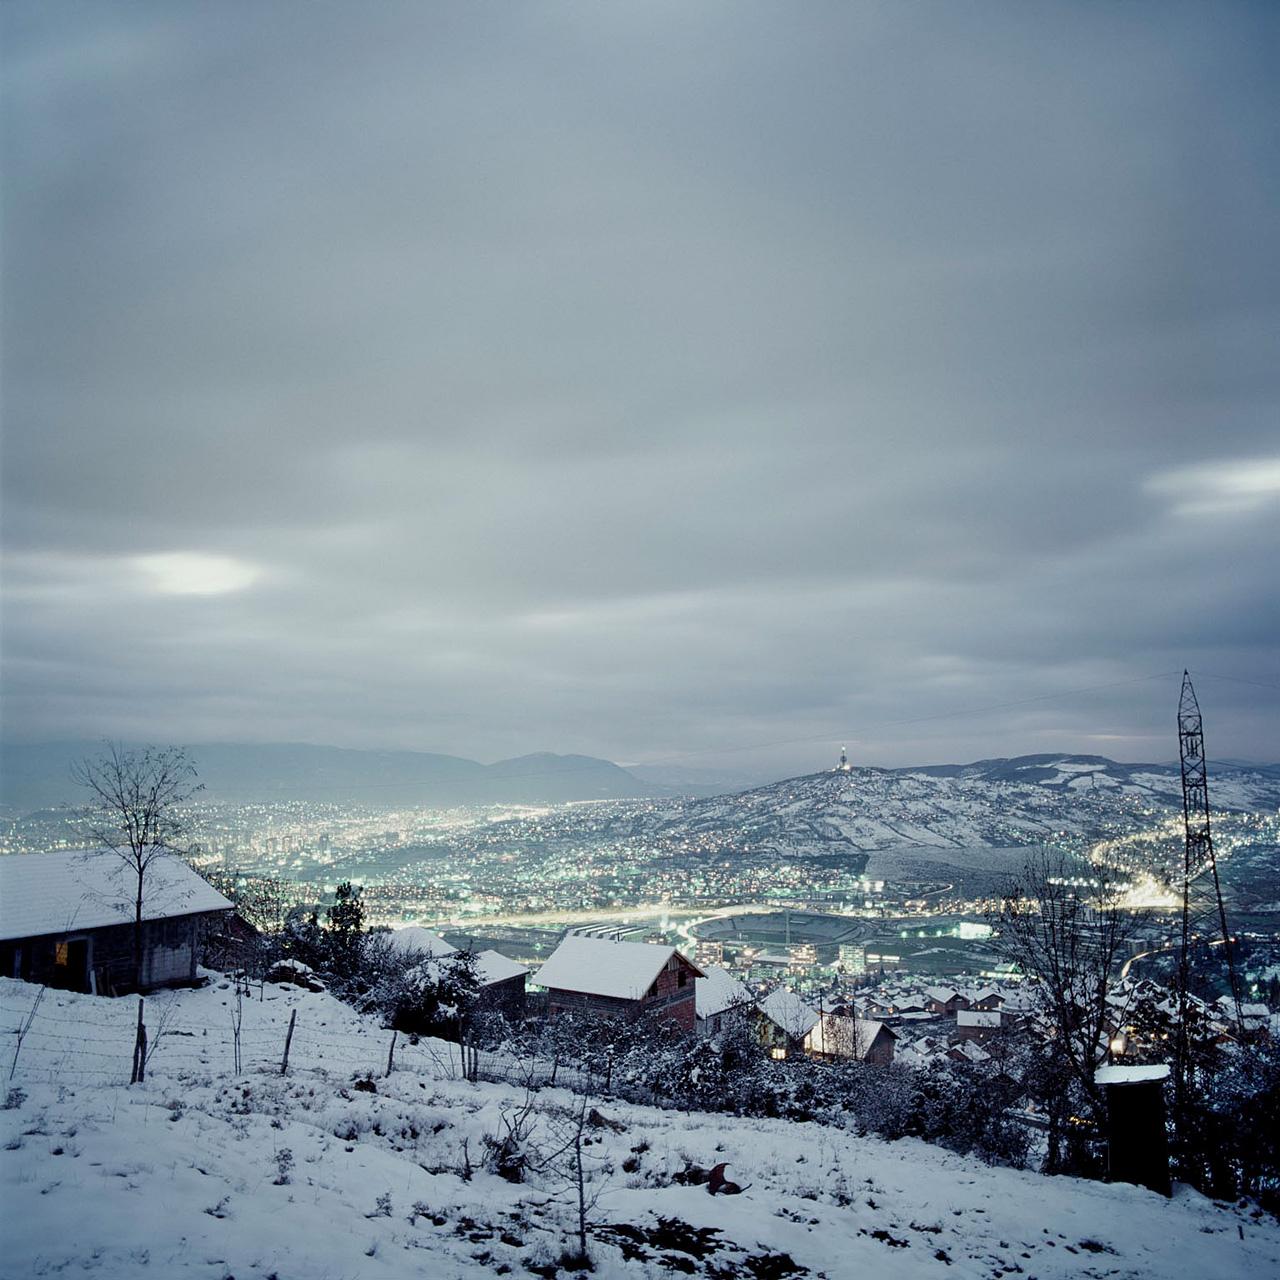 Landschaftsfotografie | Belagerung von Sarajevo, Bosnien